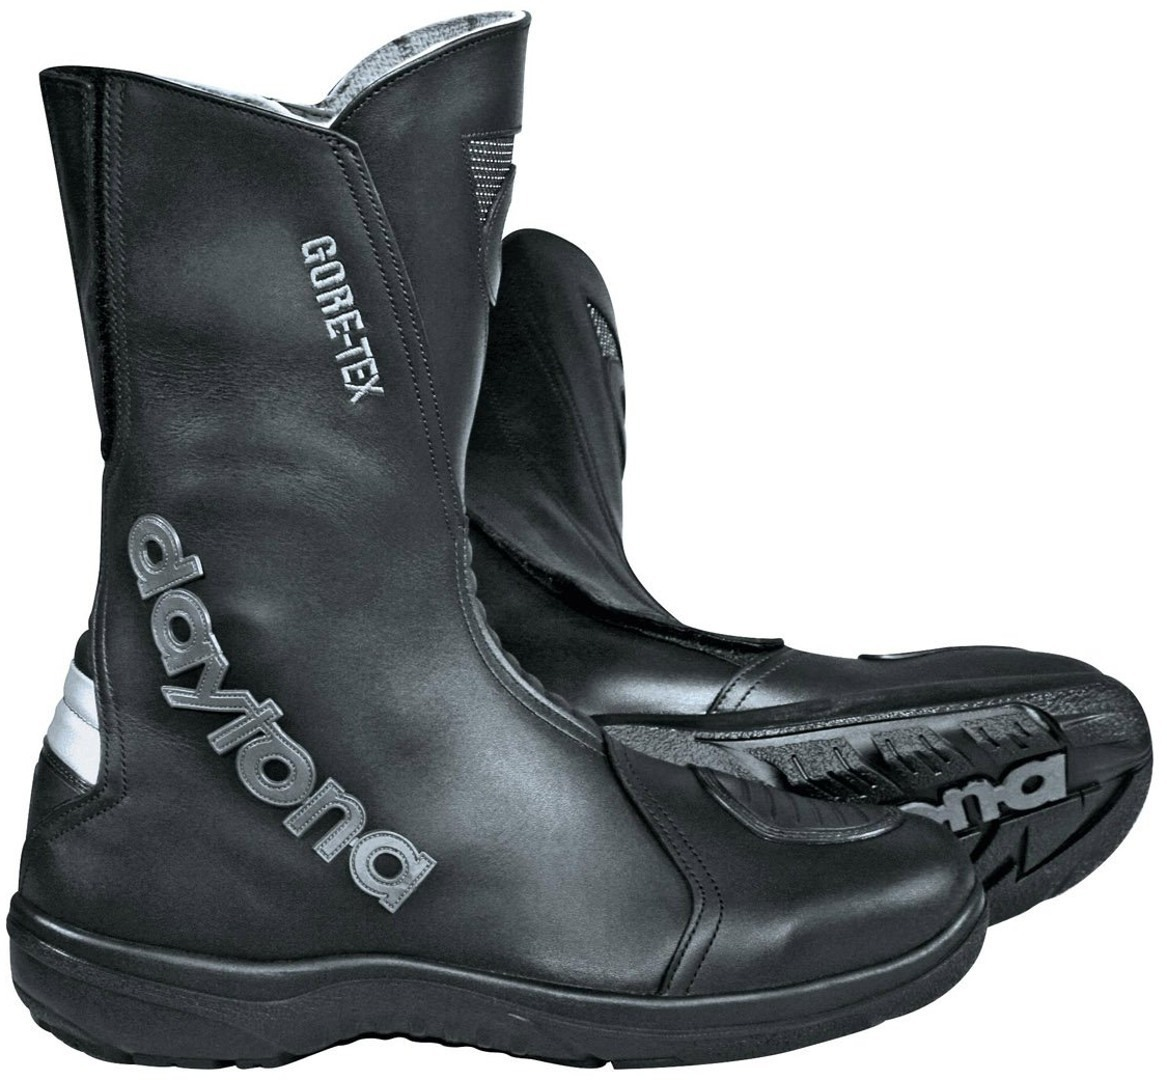 Daytona Nonstop GTX Gore-Tex wasserdichte Motorradstiefel, schwarz, Größe 47, schwarz, Größe 47